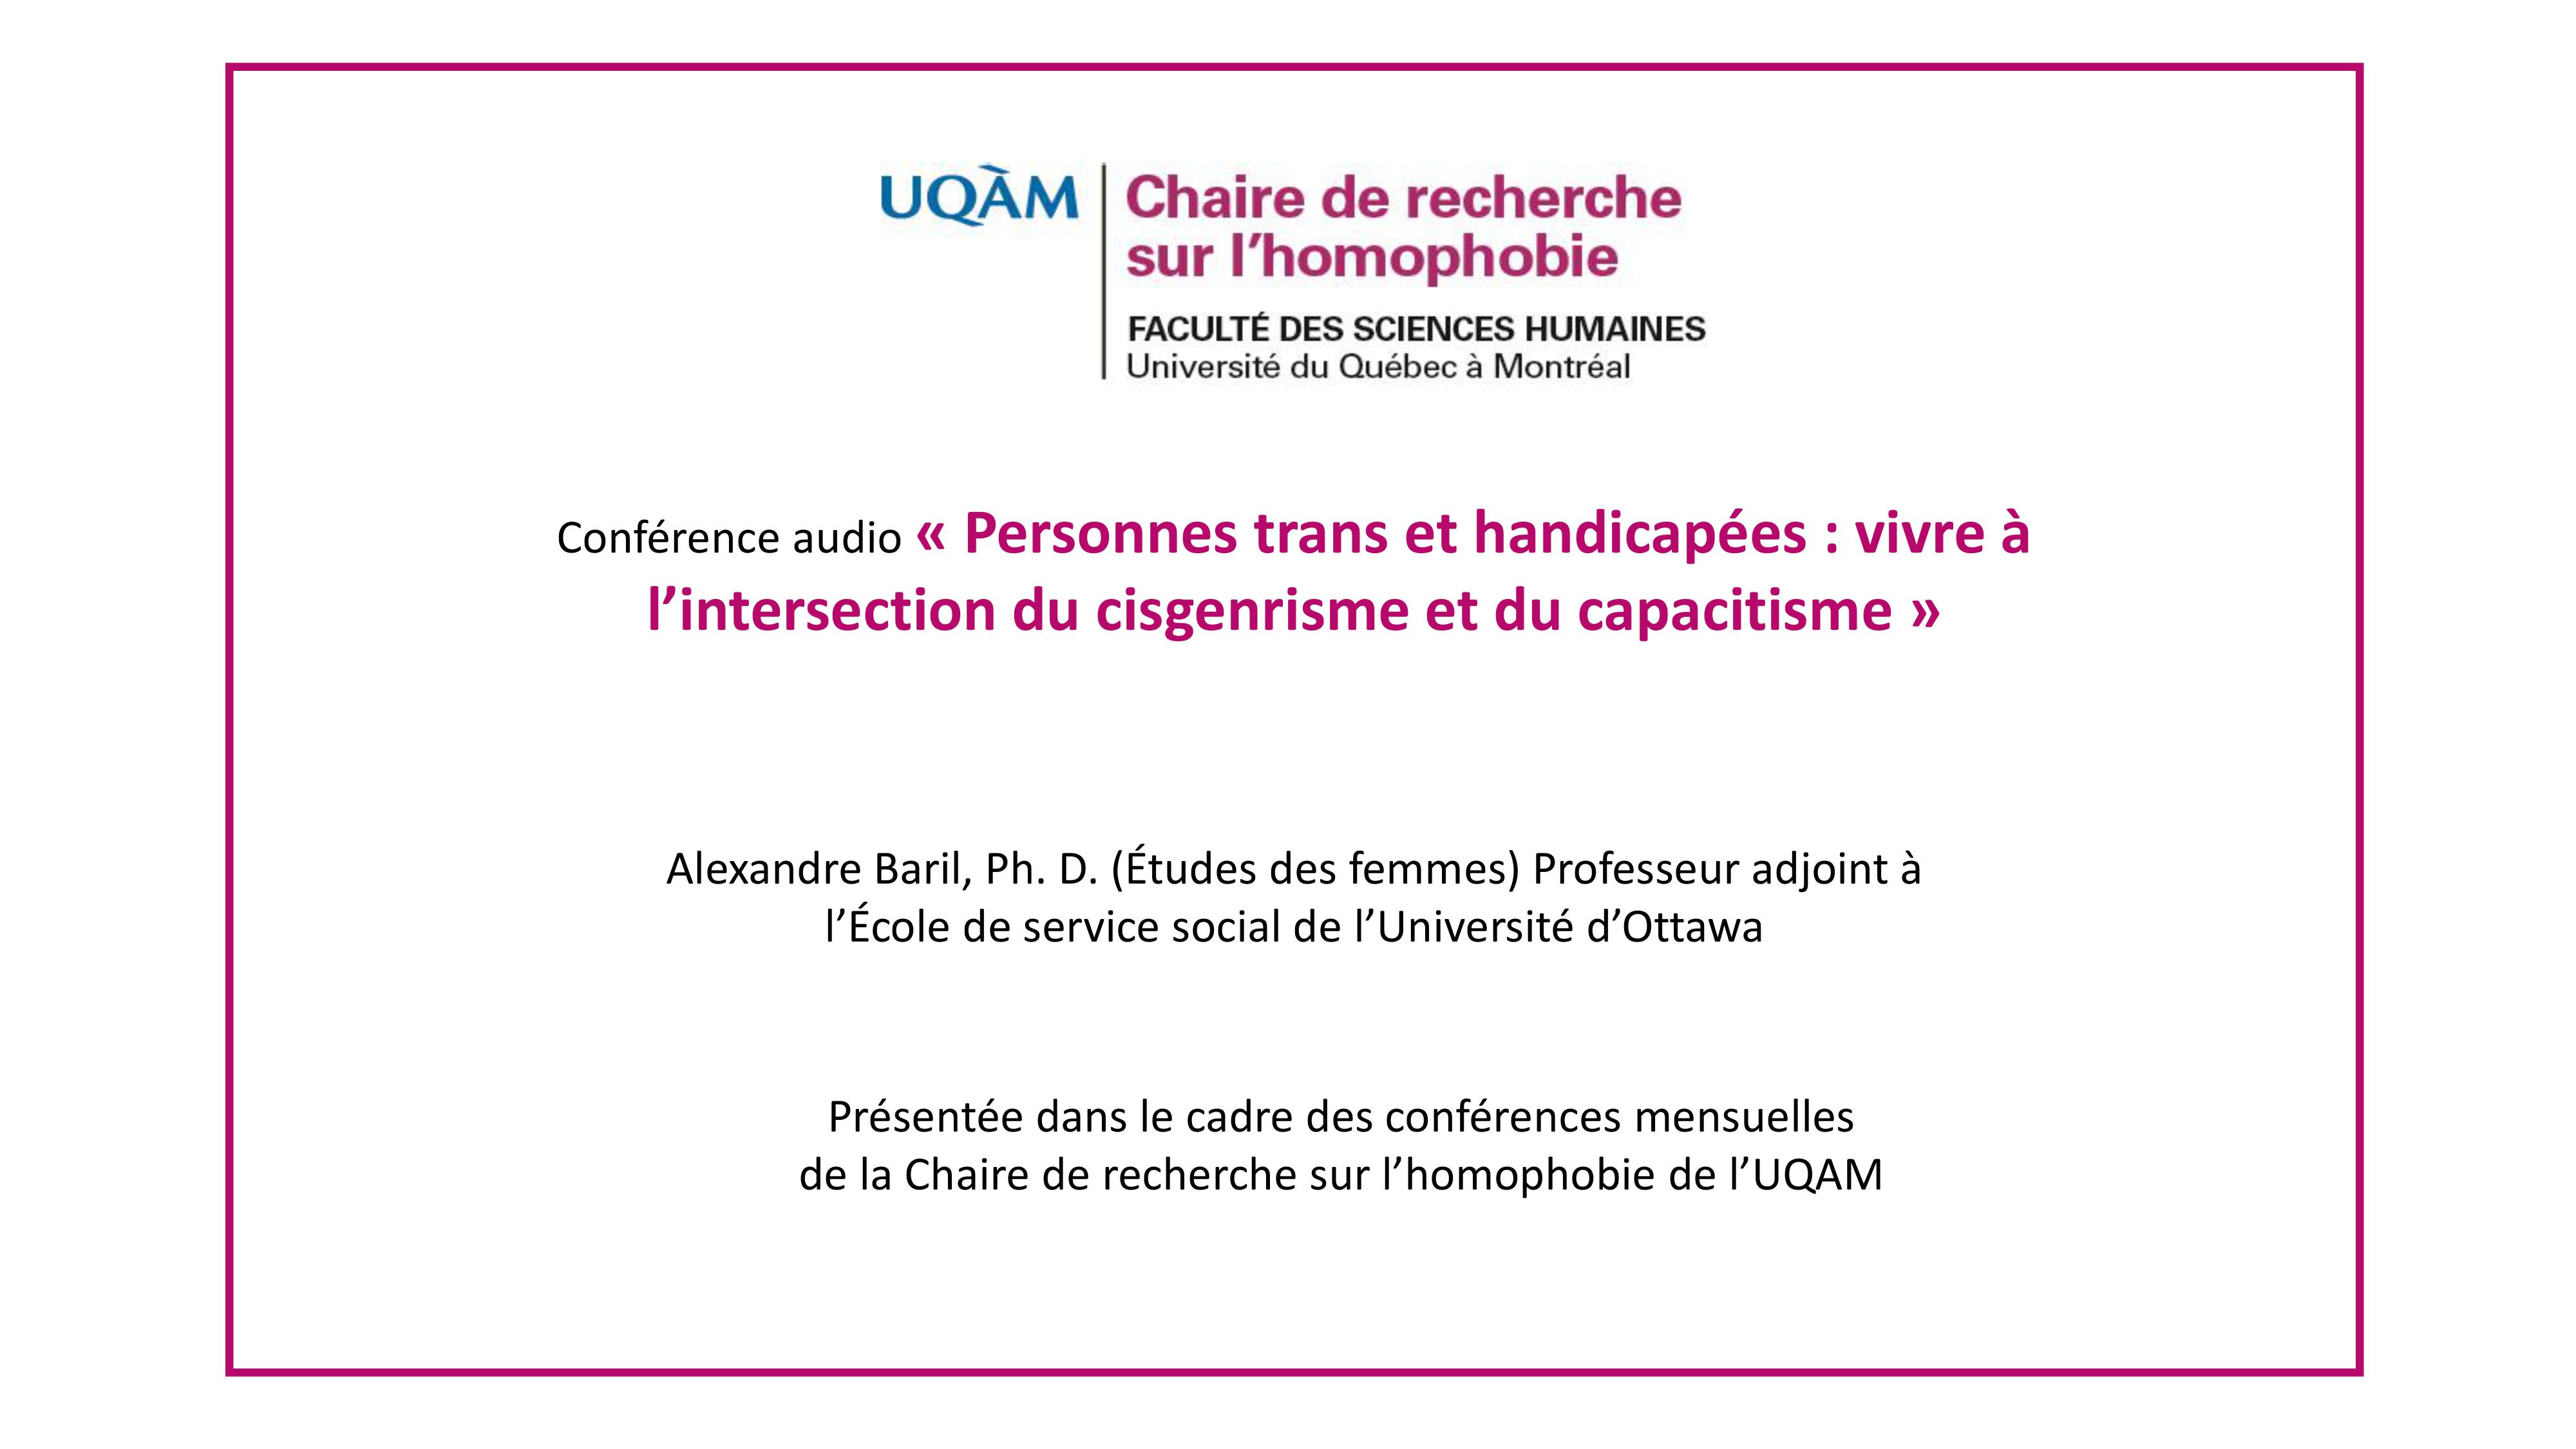 Conférence: «Personnes trans et handicapées: vivre à l'intersection du cisgenrisme et du capacitisme» (audio)